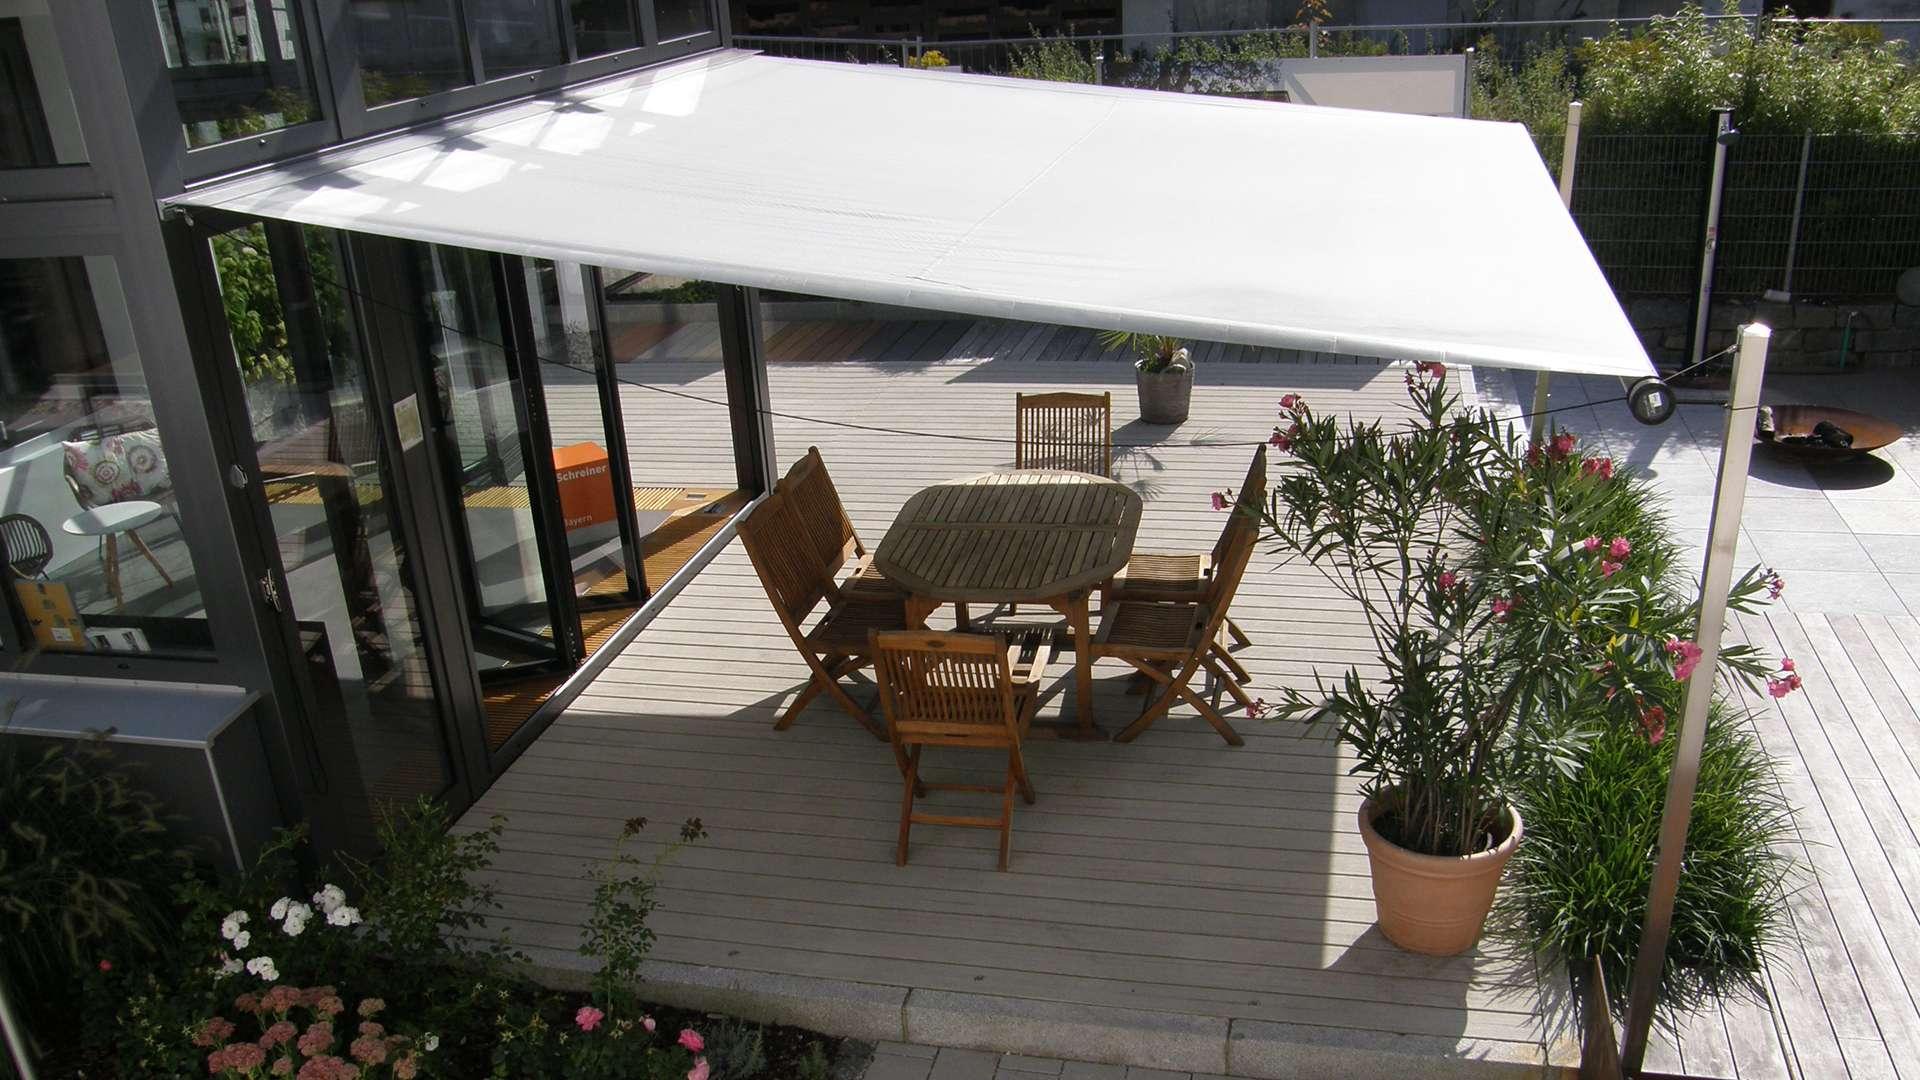 Terrasse mit Markise beschattet in der Außenausstellung der Schreinerei Ober in Neuötting